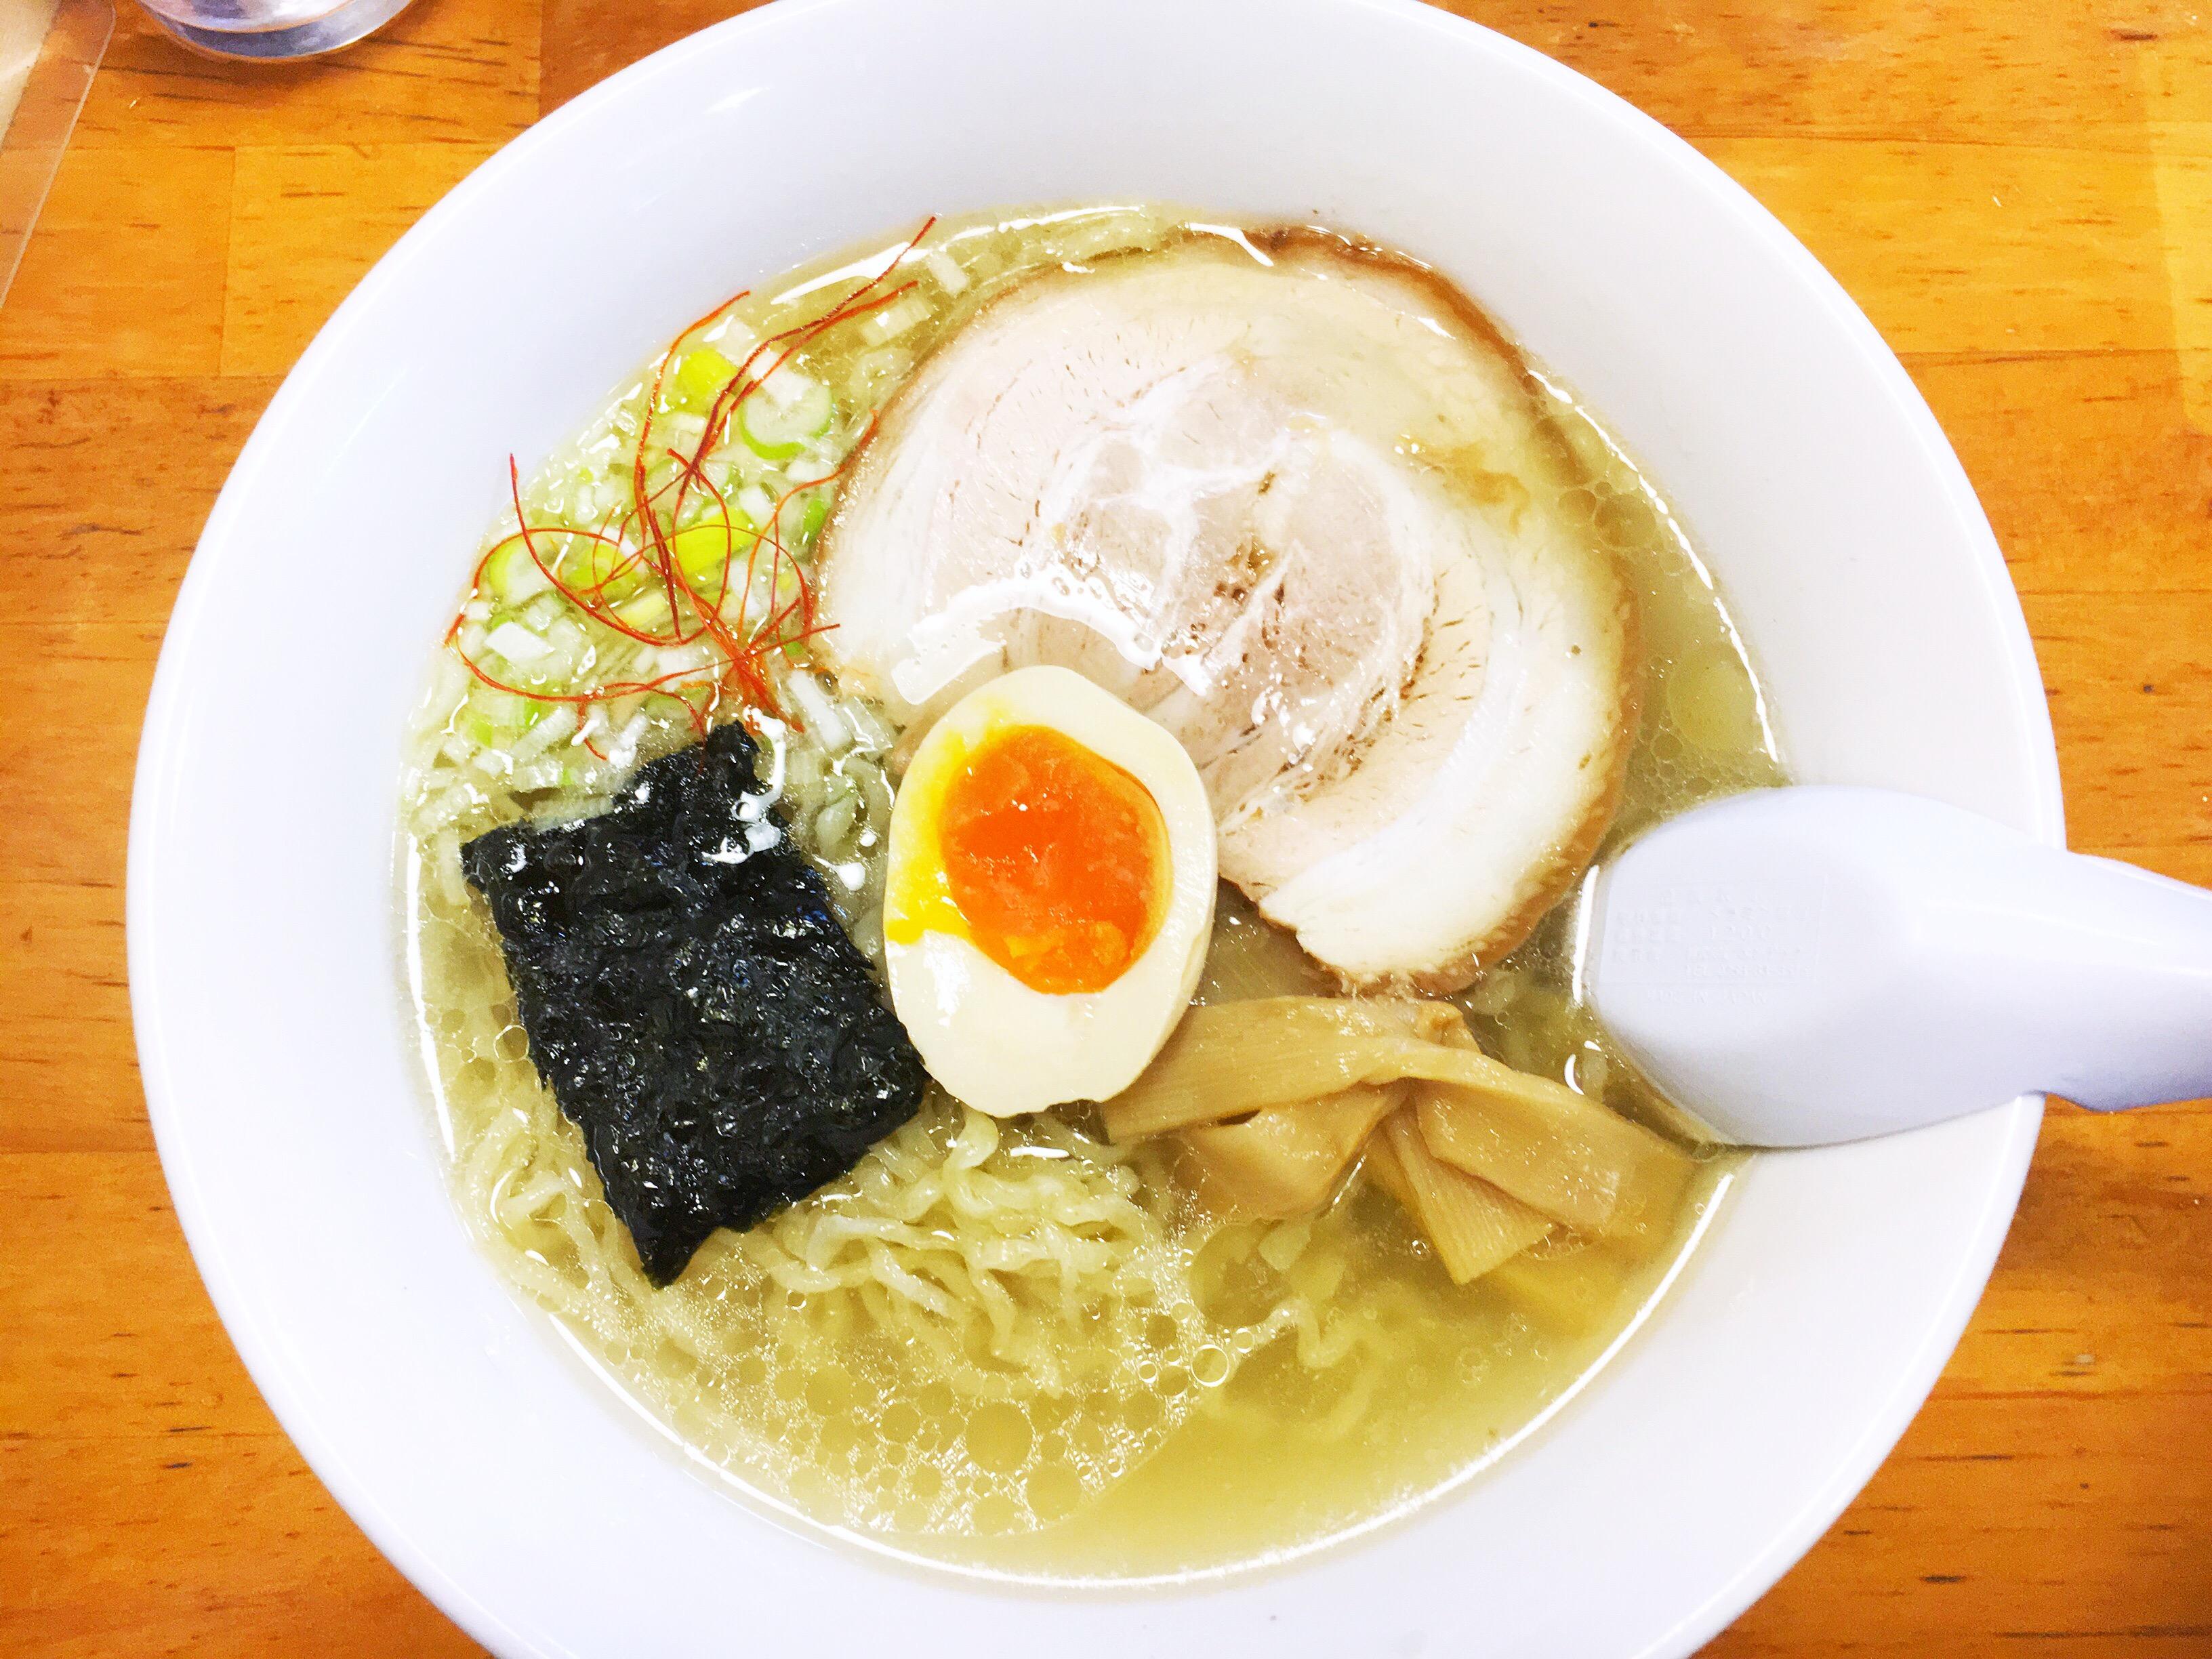 【マルイチ食堂 】熊本下通で食べれる「天草大王」を使ったあっさりなのに濃厚な塩ラーメン